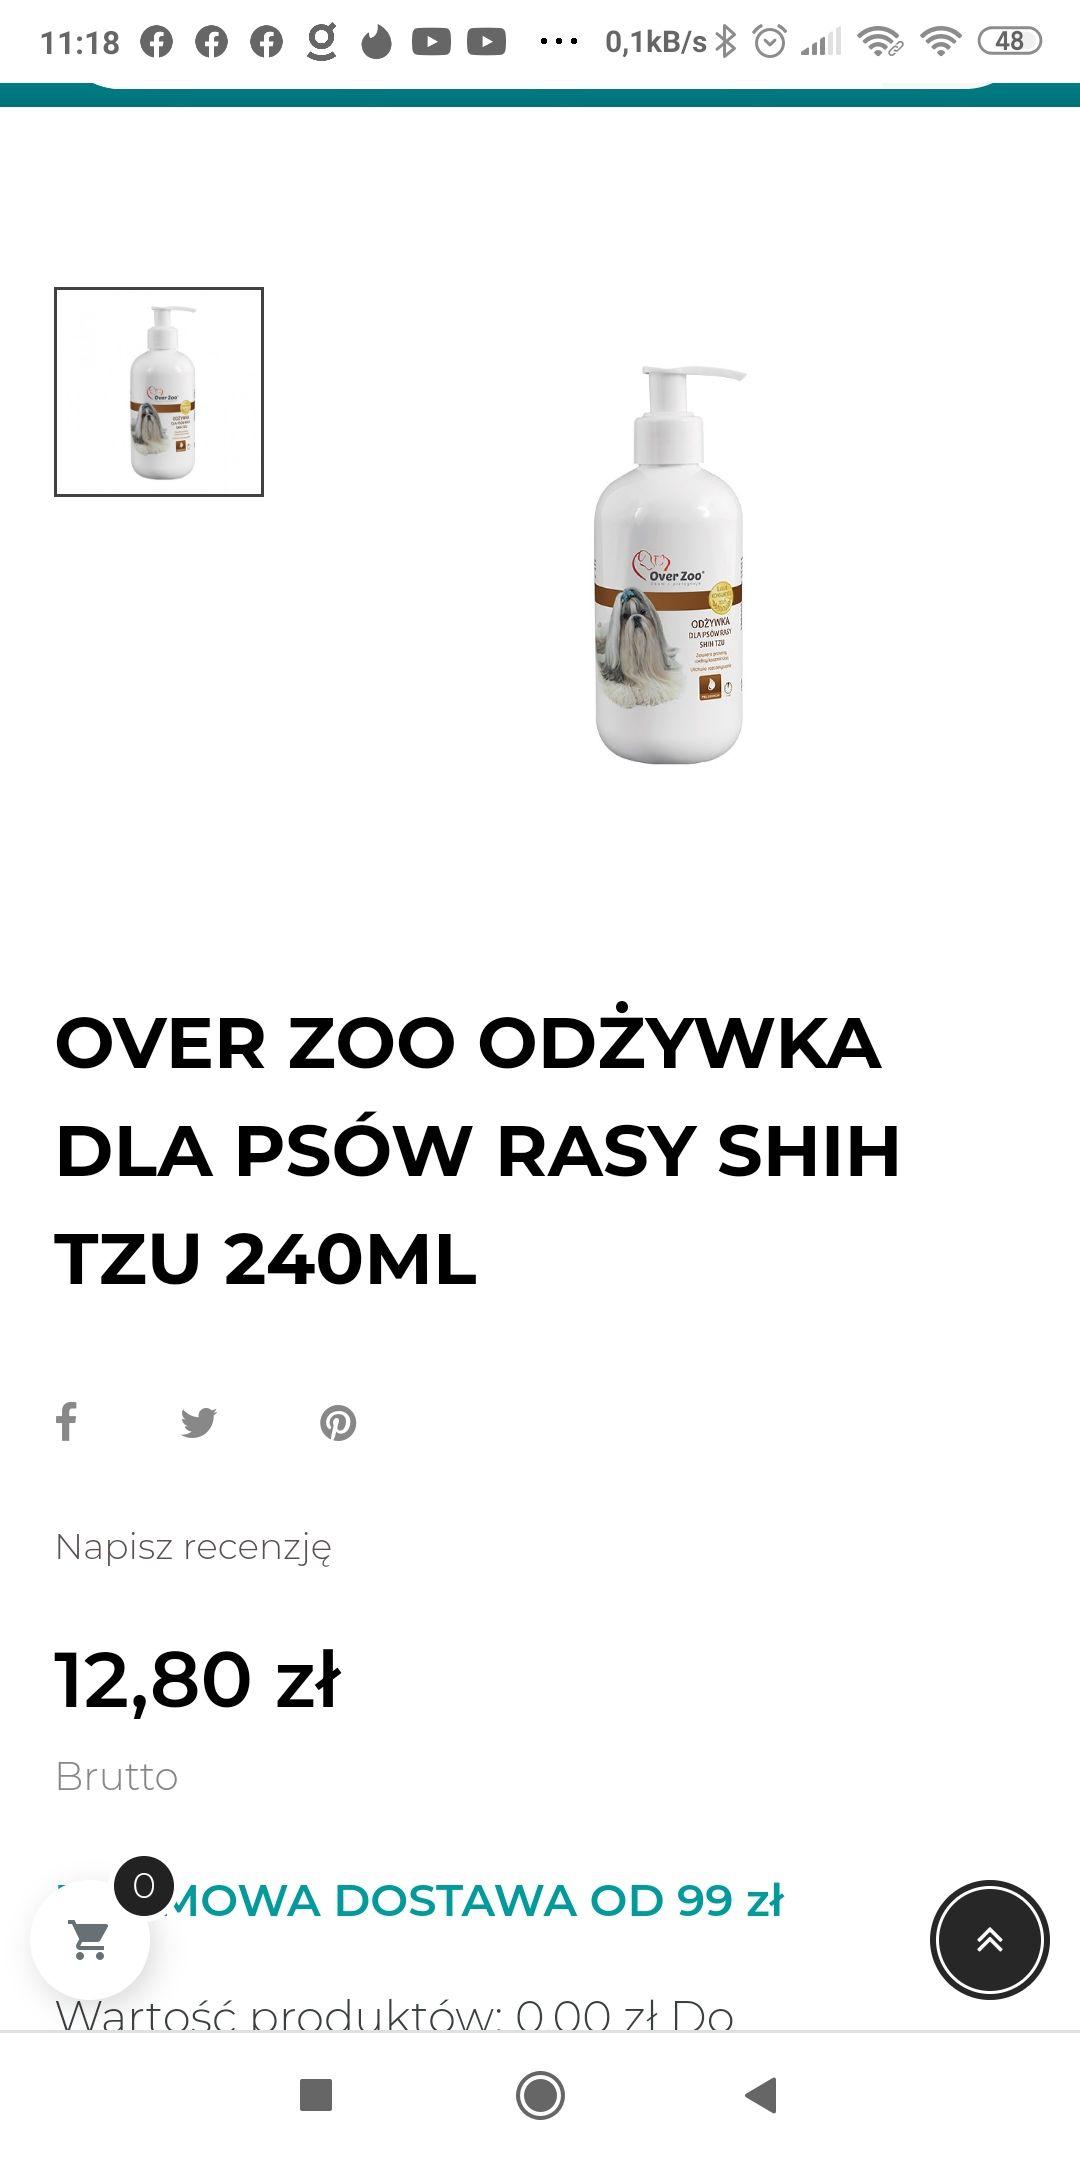 Odżywka dla psów shih tzu z over zoo